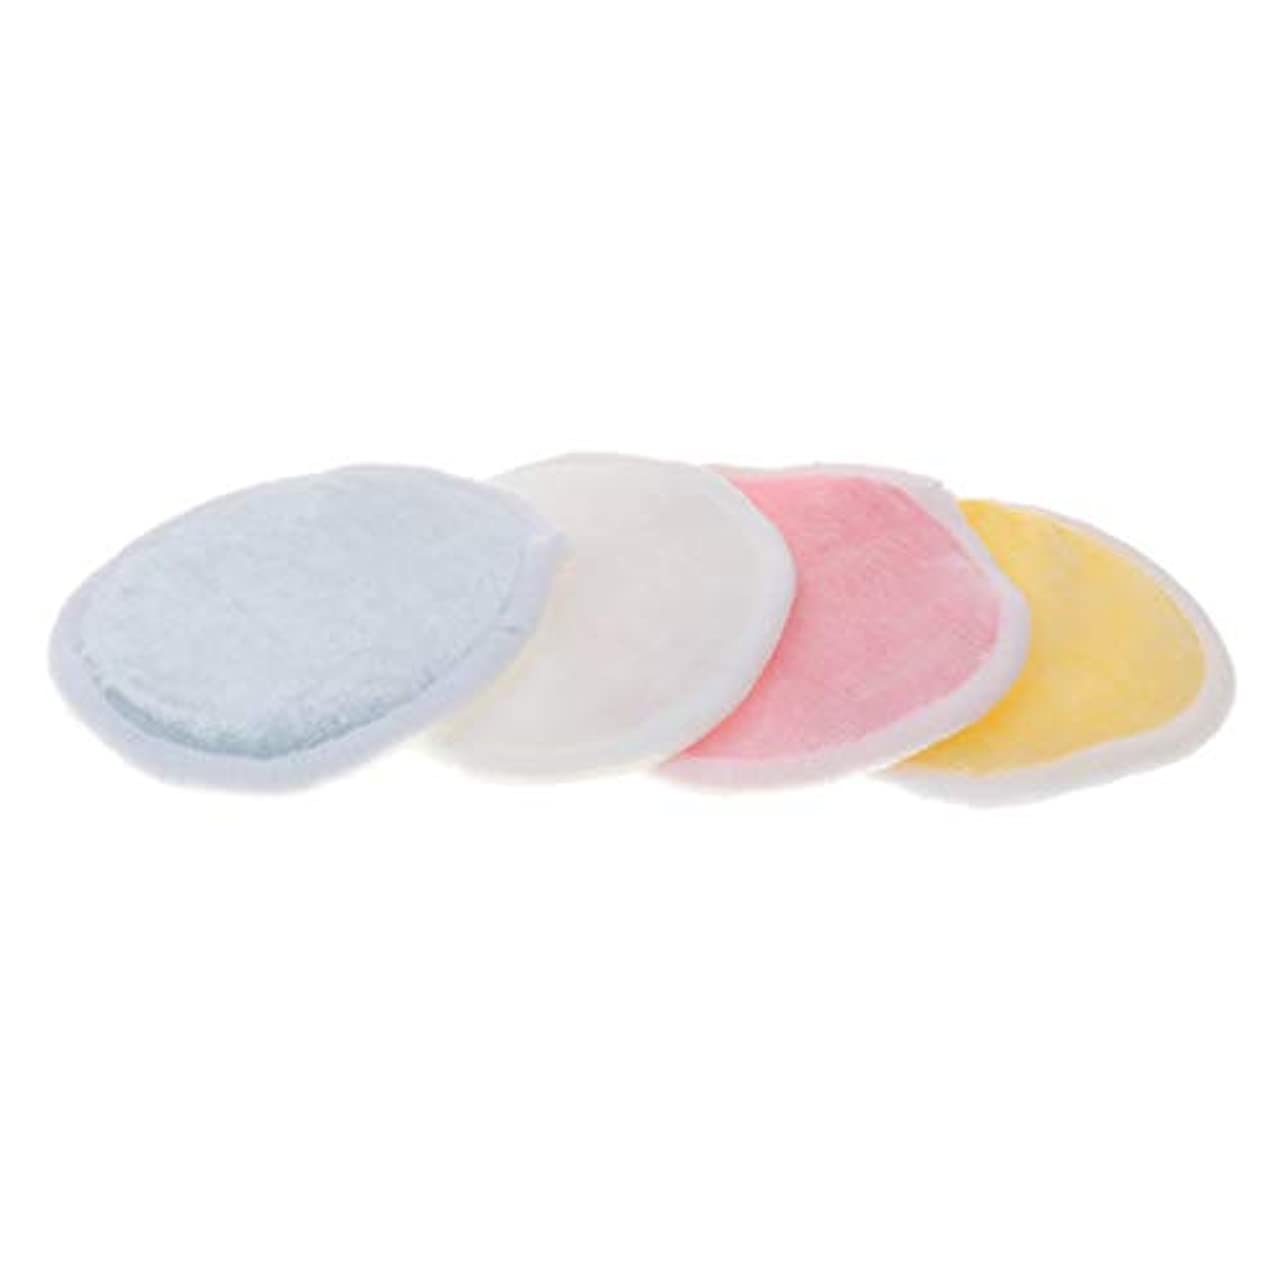 スナック泥裁定CUTICATE 全2サイズ メイク落としコットン クレンジングシート 化粧水パッド 再使用可 バッグ付 化粧用 4個入 - L